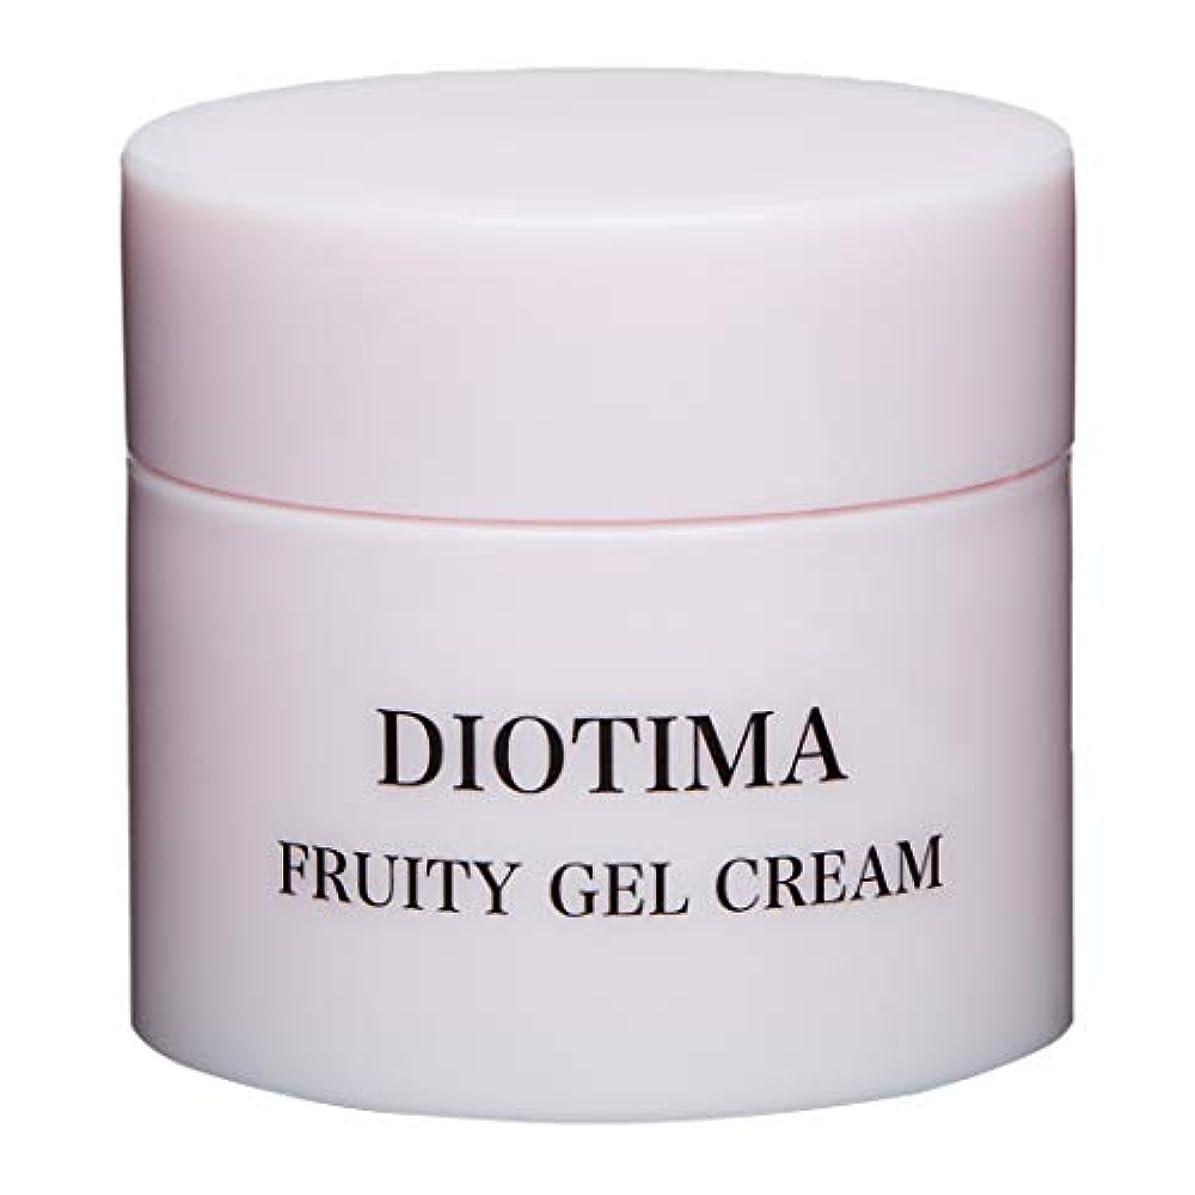 吸収剤レビュー再集計DUITIMA(ディオティマ) ディオティマ フルーティジェルクリーム オールインワン 60g